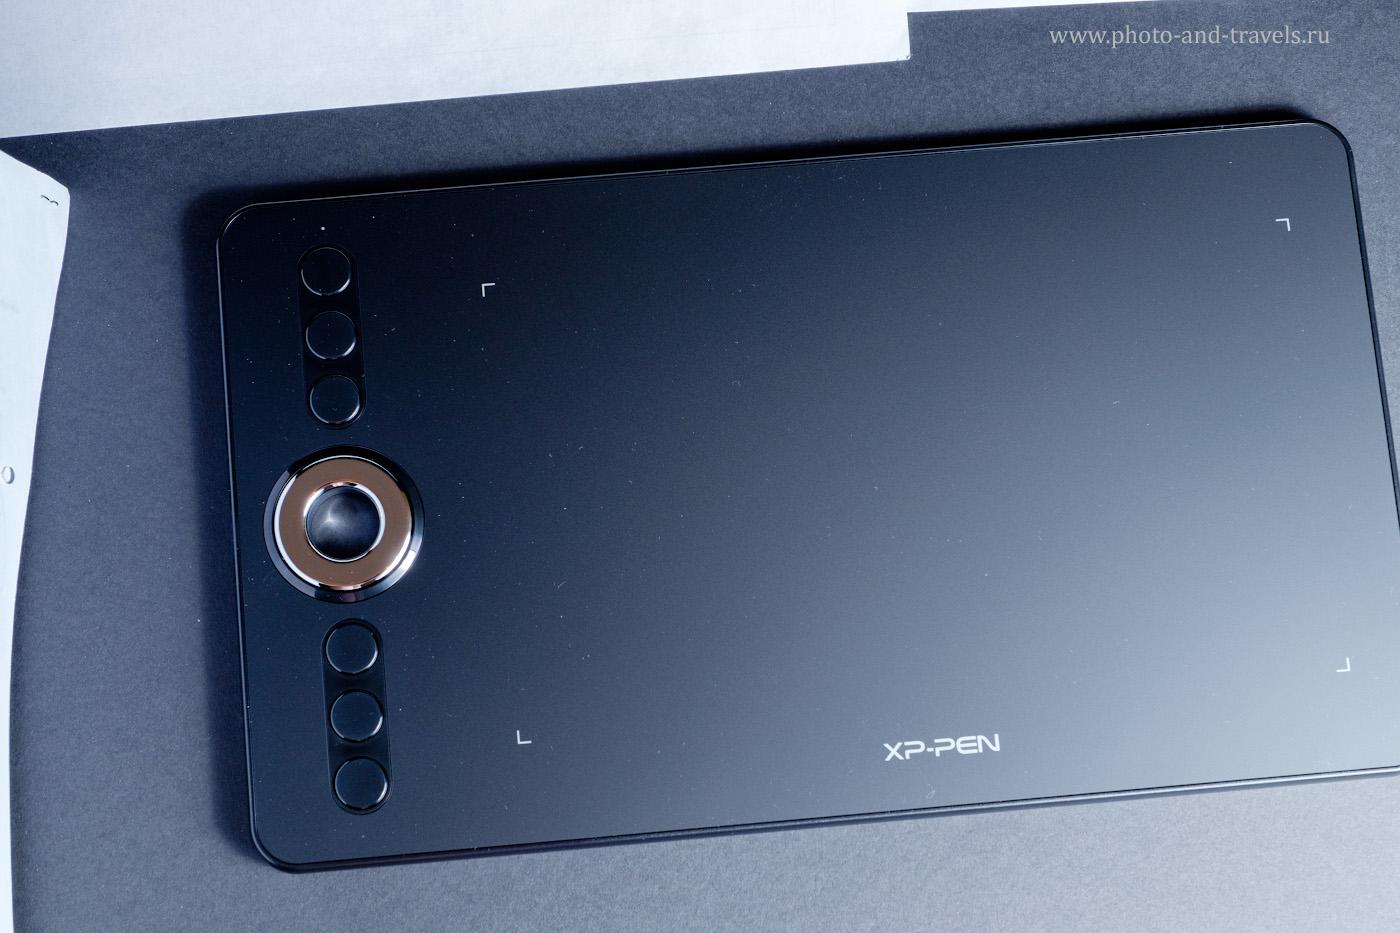 Фотография 14. Неприятности при фотосъемке графического планшета XP-PEN для обзора. 1/60, 7.1, 400, 45.